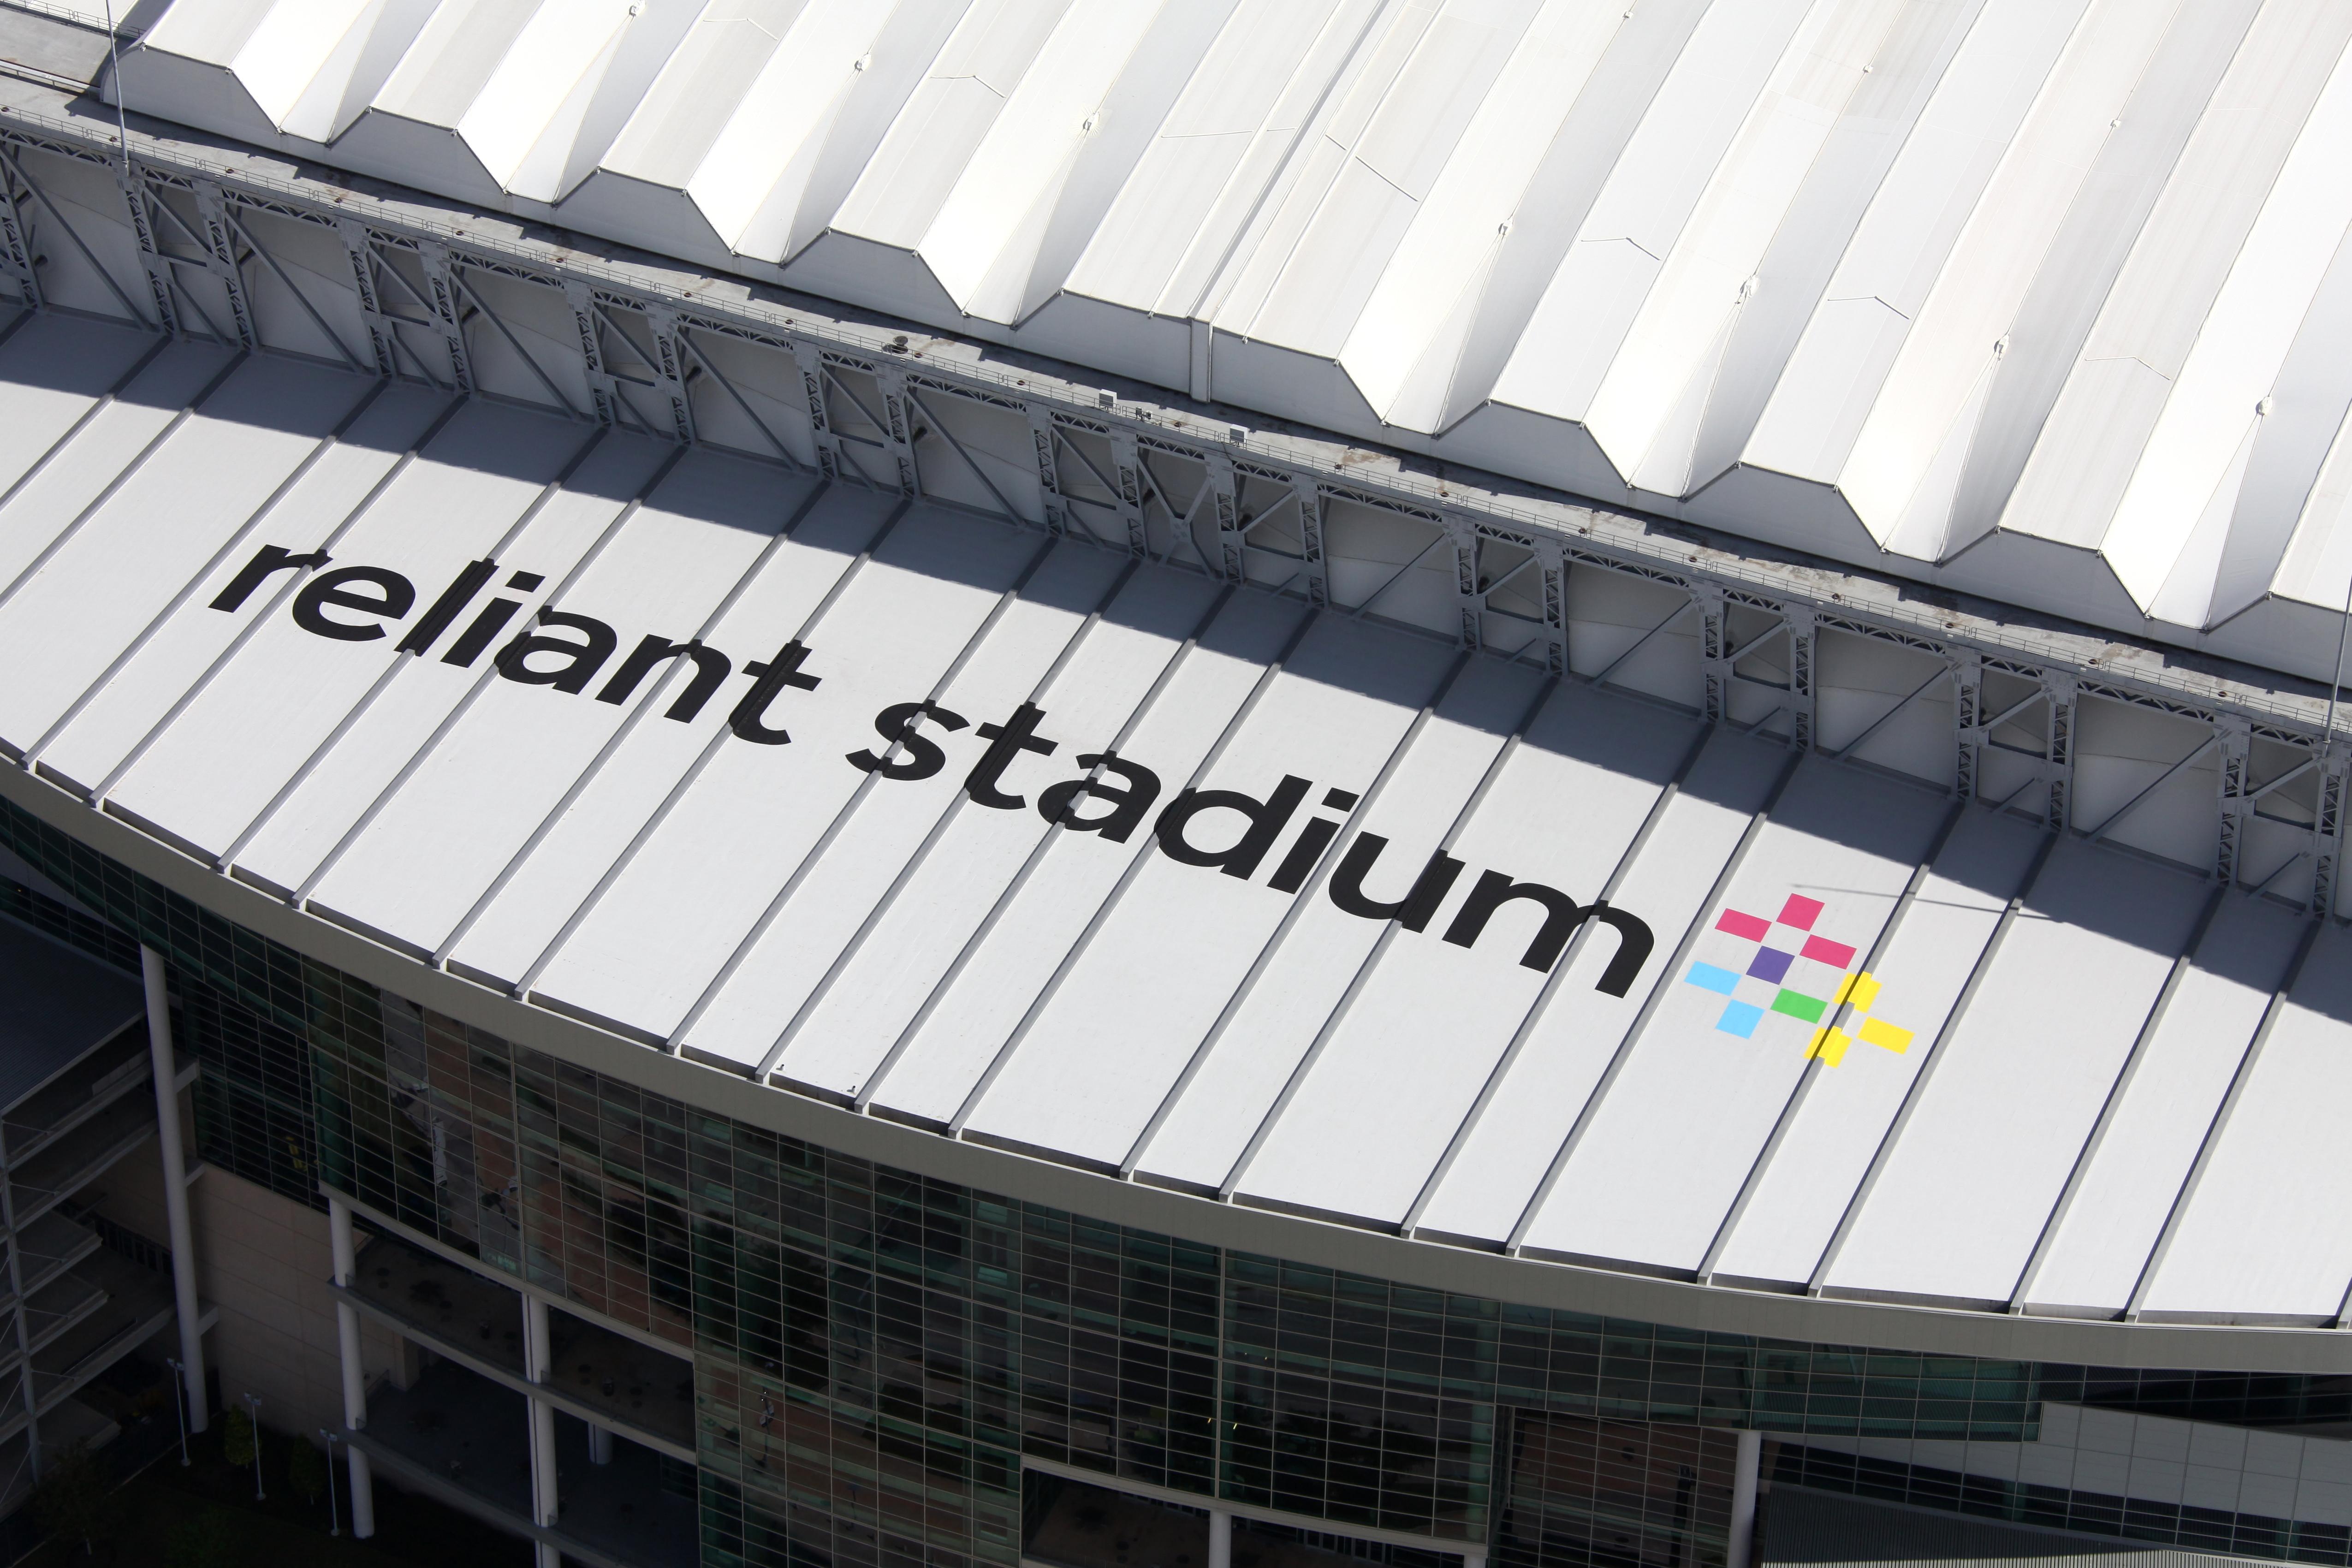 Reliant_Stadium1